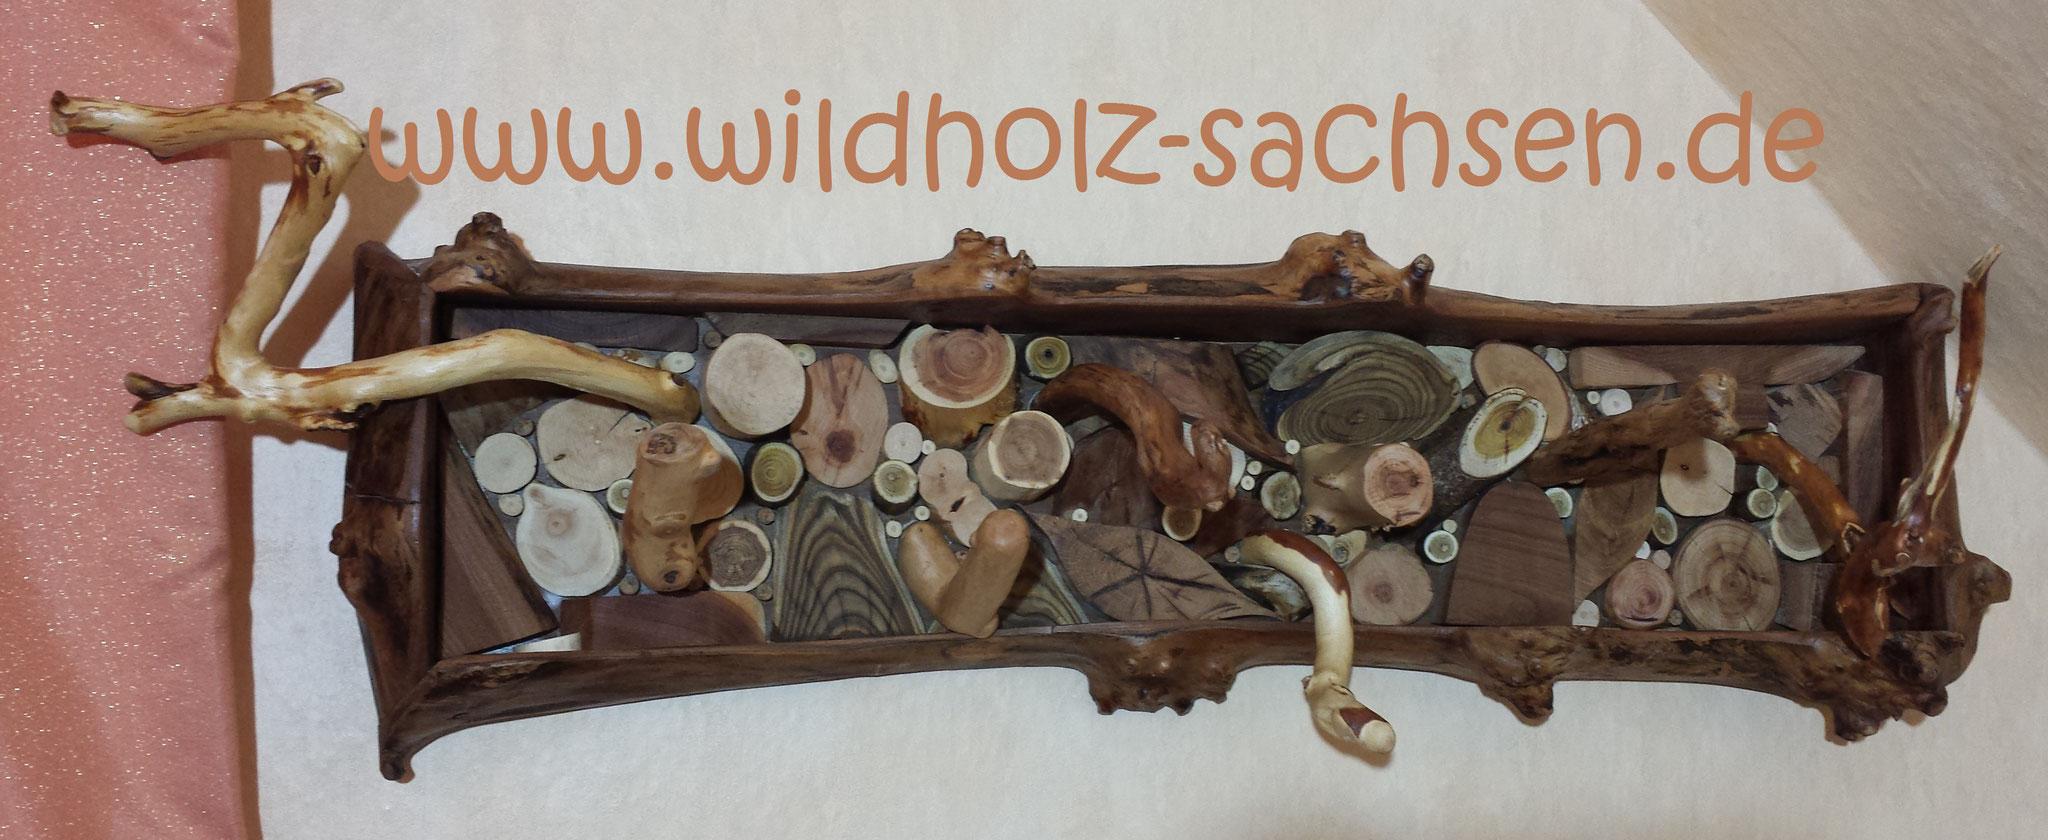 Kleiderhaken - Holzpuzzle